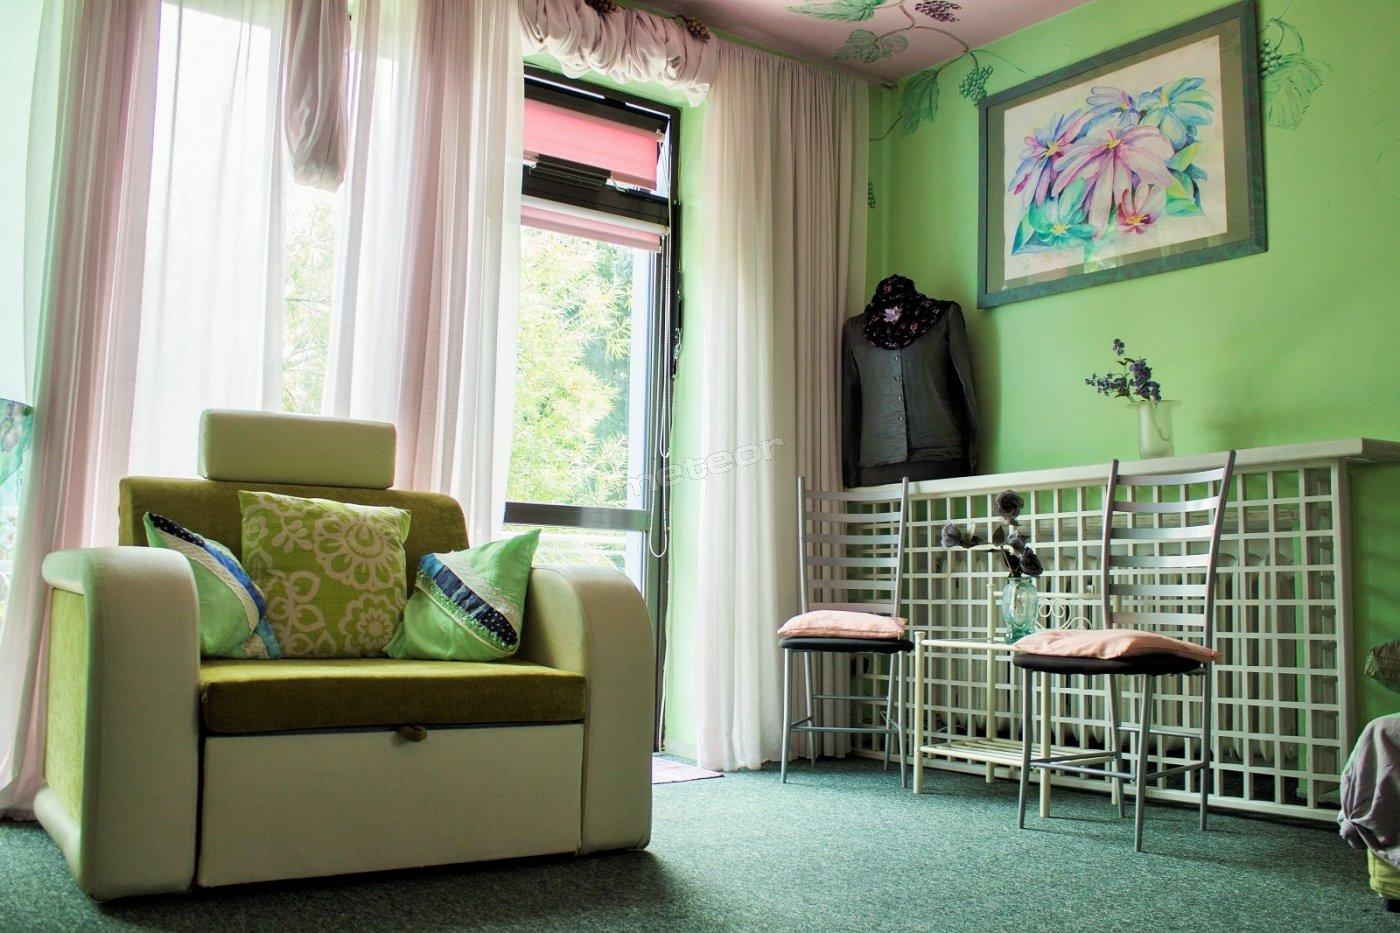 Słodkie Winogrona (5 osób) Sypialnia znajduje się na pierwszym piętrze. Bezpośrednio za drzwiami  sypialni mieści się duża łazienka z WC, prysznicem i wanną oraz dwoma umywalkami.  Łazienka dostępna jest dla trzech pokoi na tym piętrze. To kolorowe pomieszczenie upiększone jest malowidłami winogron na suficie i ścianach, ciekawymi obrazami oraz przeróżnymi fantazyjnymi dekoracjami. Na parapetach dorodne, żywe kwiaty. Ma się wrażenie siedzenia pod śródziemnomorskim baldachimem uwitym z gałęzi latorośli i winobluszczy. Aż by się chciało zerwać i smakować mięsistą kiść, która kusi swą krasą nad sypialnianymi legowiskami… W środku  jest pięć łóżek, w tym dwa podwójne. Pokój wyposażony jest w szafę, stoliki, krzesła, telewizor LCD, czajnik elektryczny i kubki. Dwa duże okna czynią wnętrze pełnym naturalnego światła. Sypialnia posiada też przestrzenny balkon ze stolikami i krzesłami wychodzący na zaciszny ogródek.  Wspólna przestrzeń socjalna znajduje się piętro niżej: w pełni w pełni wyposażona kuchnia (kuchnia ceramiczna, piekarnik elektryczny, kuchenka mikrofalowa, toster, dwa czajniki,  zmywarka do naczyń, dwa zlewozmywaki, zestaw garnków, naczyń, sztućców), piękna jadalnia, rozłożysty salon z kominkiem oraz taras z bezpośrednim wyjściem na ogród. Słodkie Winogrona to doskonałe miejsce na  beztroski  relaks!